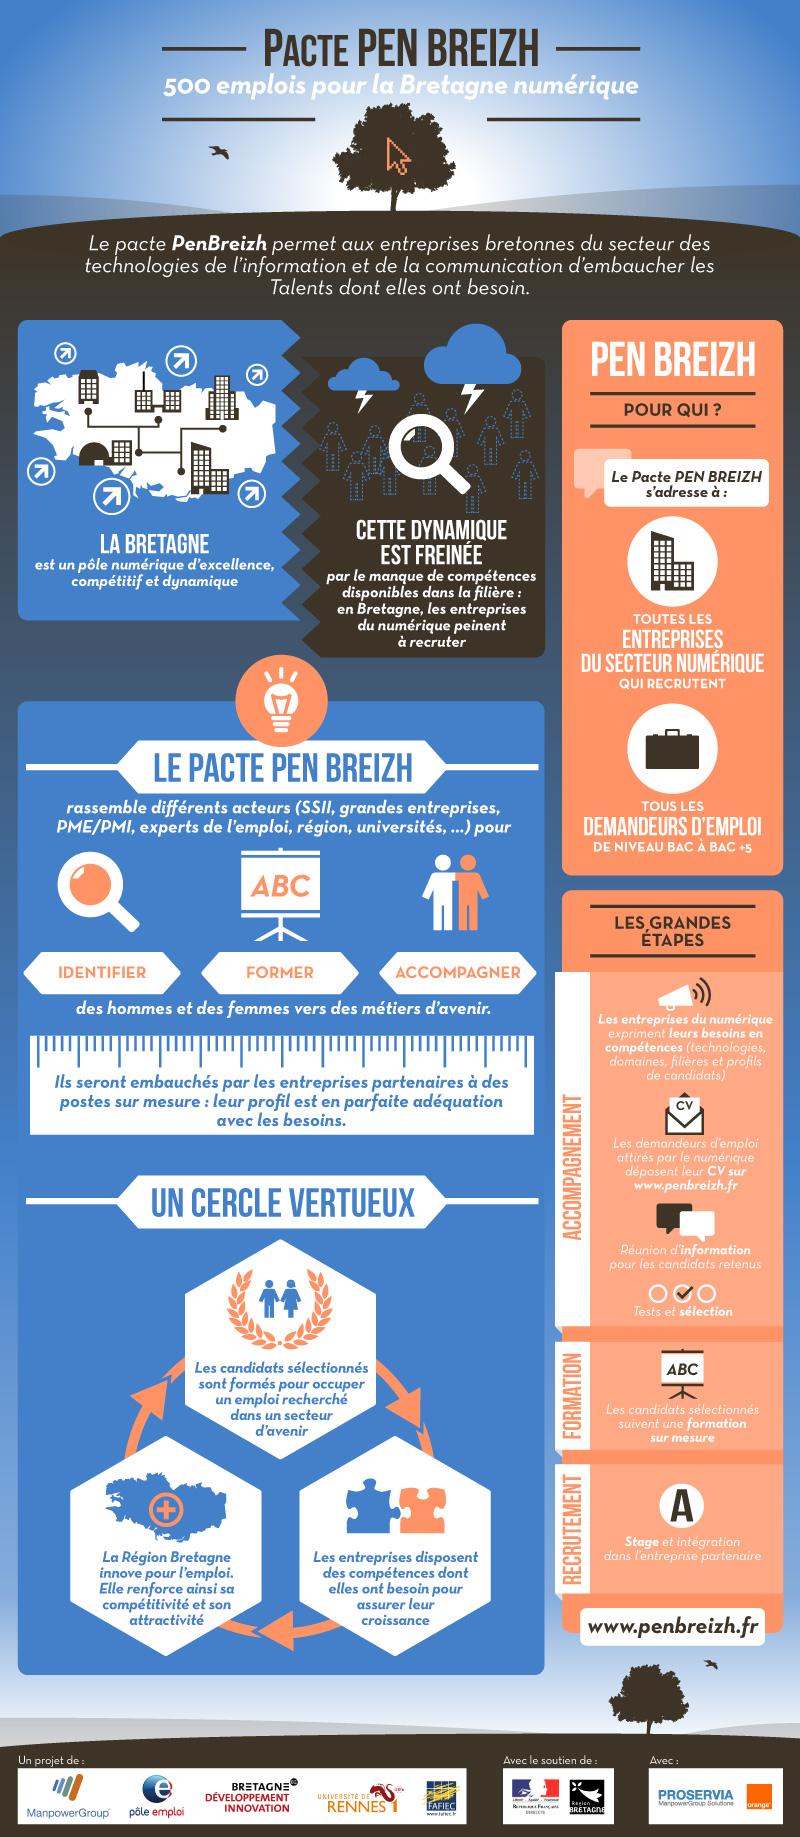 Pacte Pen Breizh - Infographie - ManpowerGroup